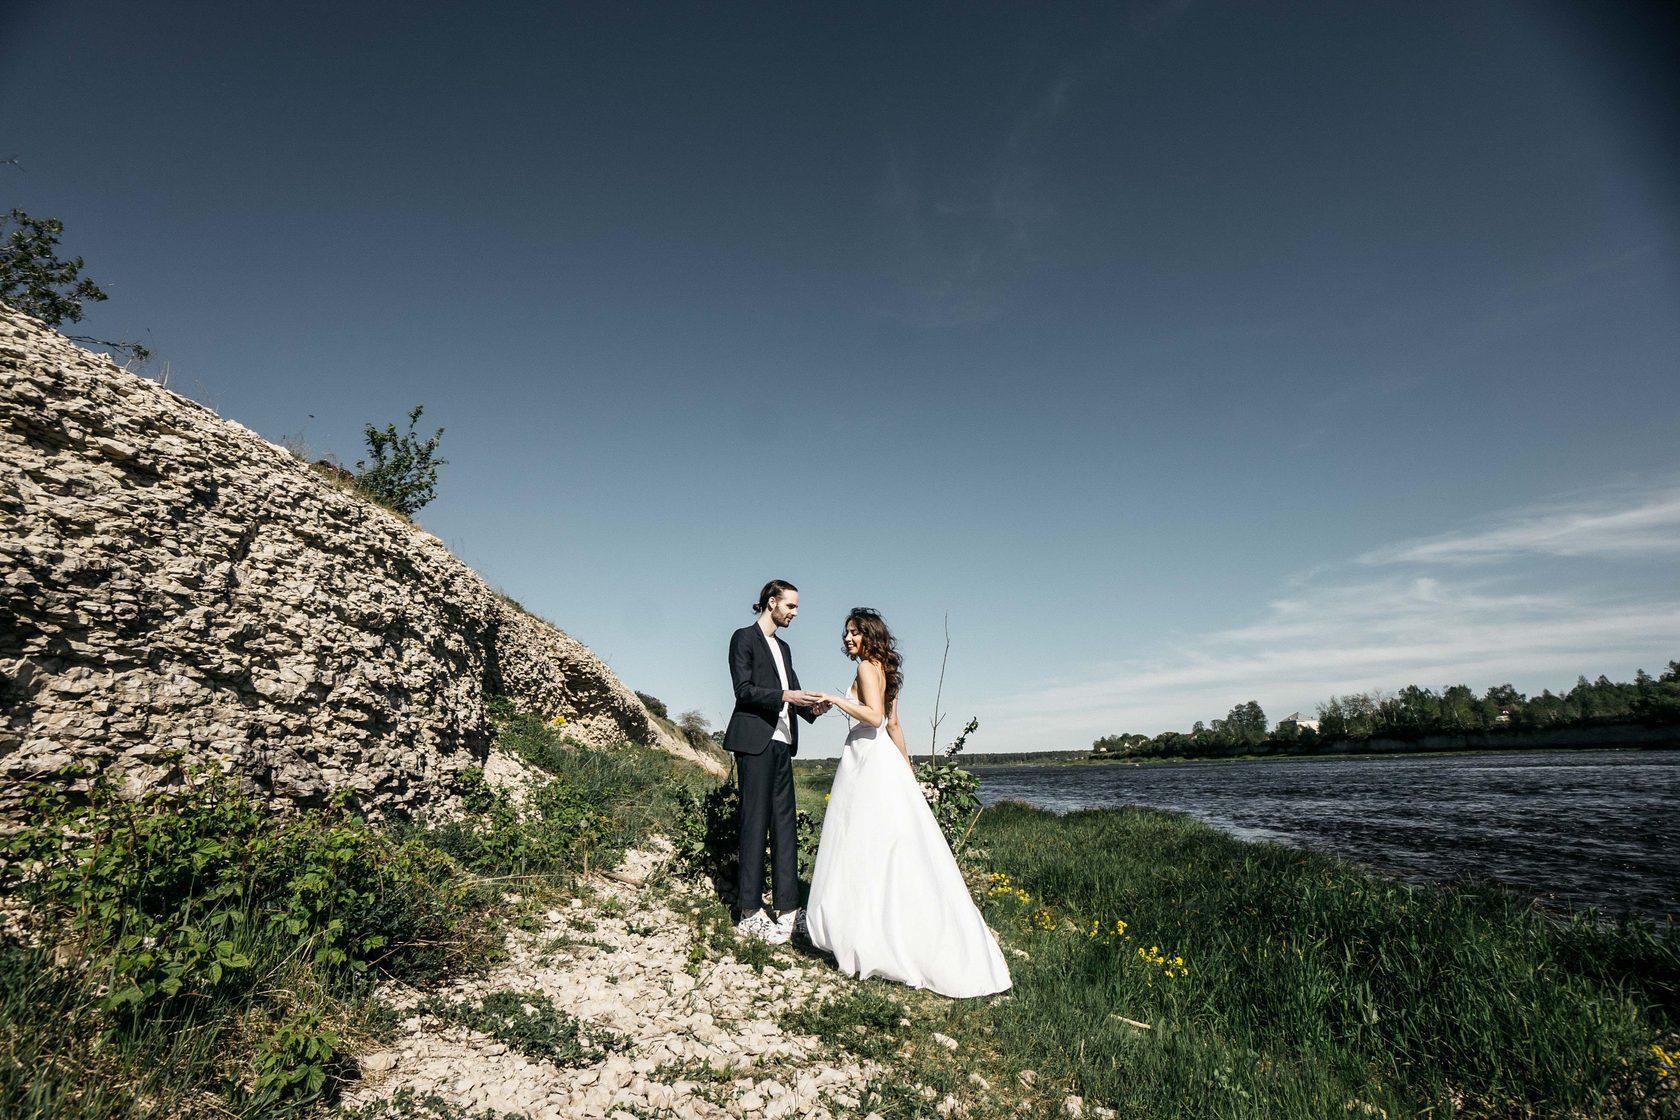 нужно найти конкурс псковских фотографов пейзажистов общий